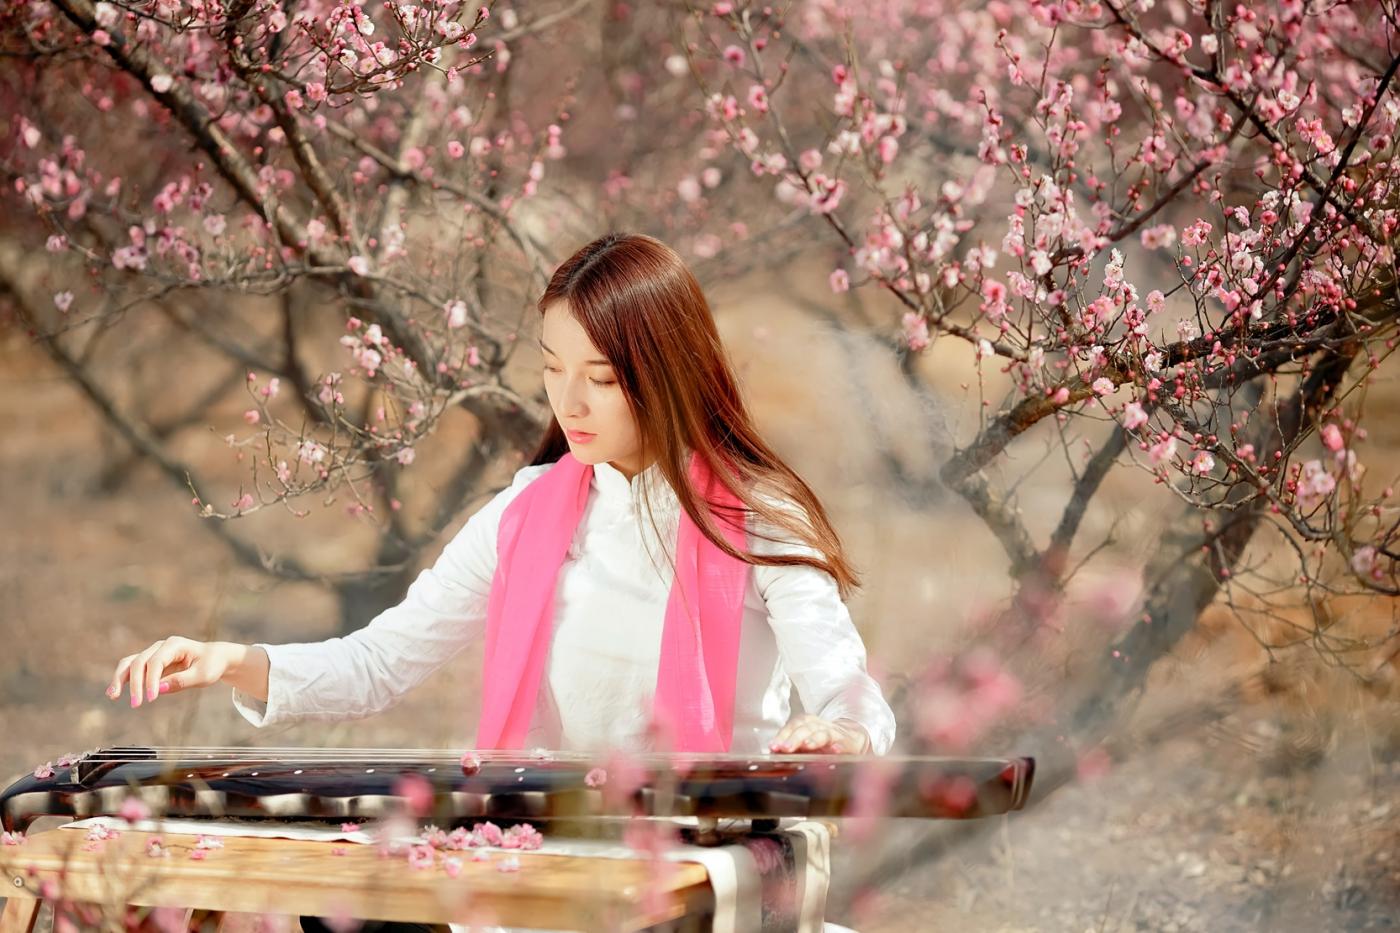 费县的春天从鲜花烂漫的梅林和女孩张诗奇的偶遇开始_图1-7